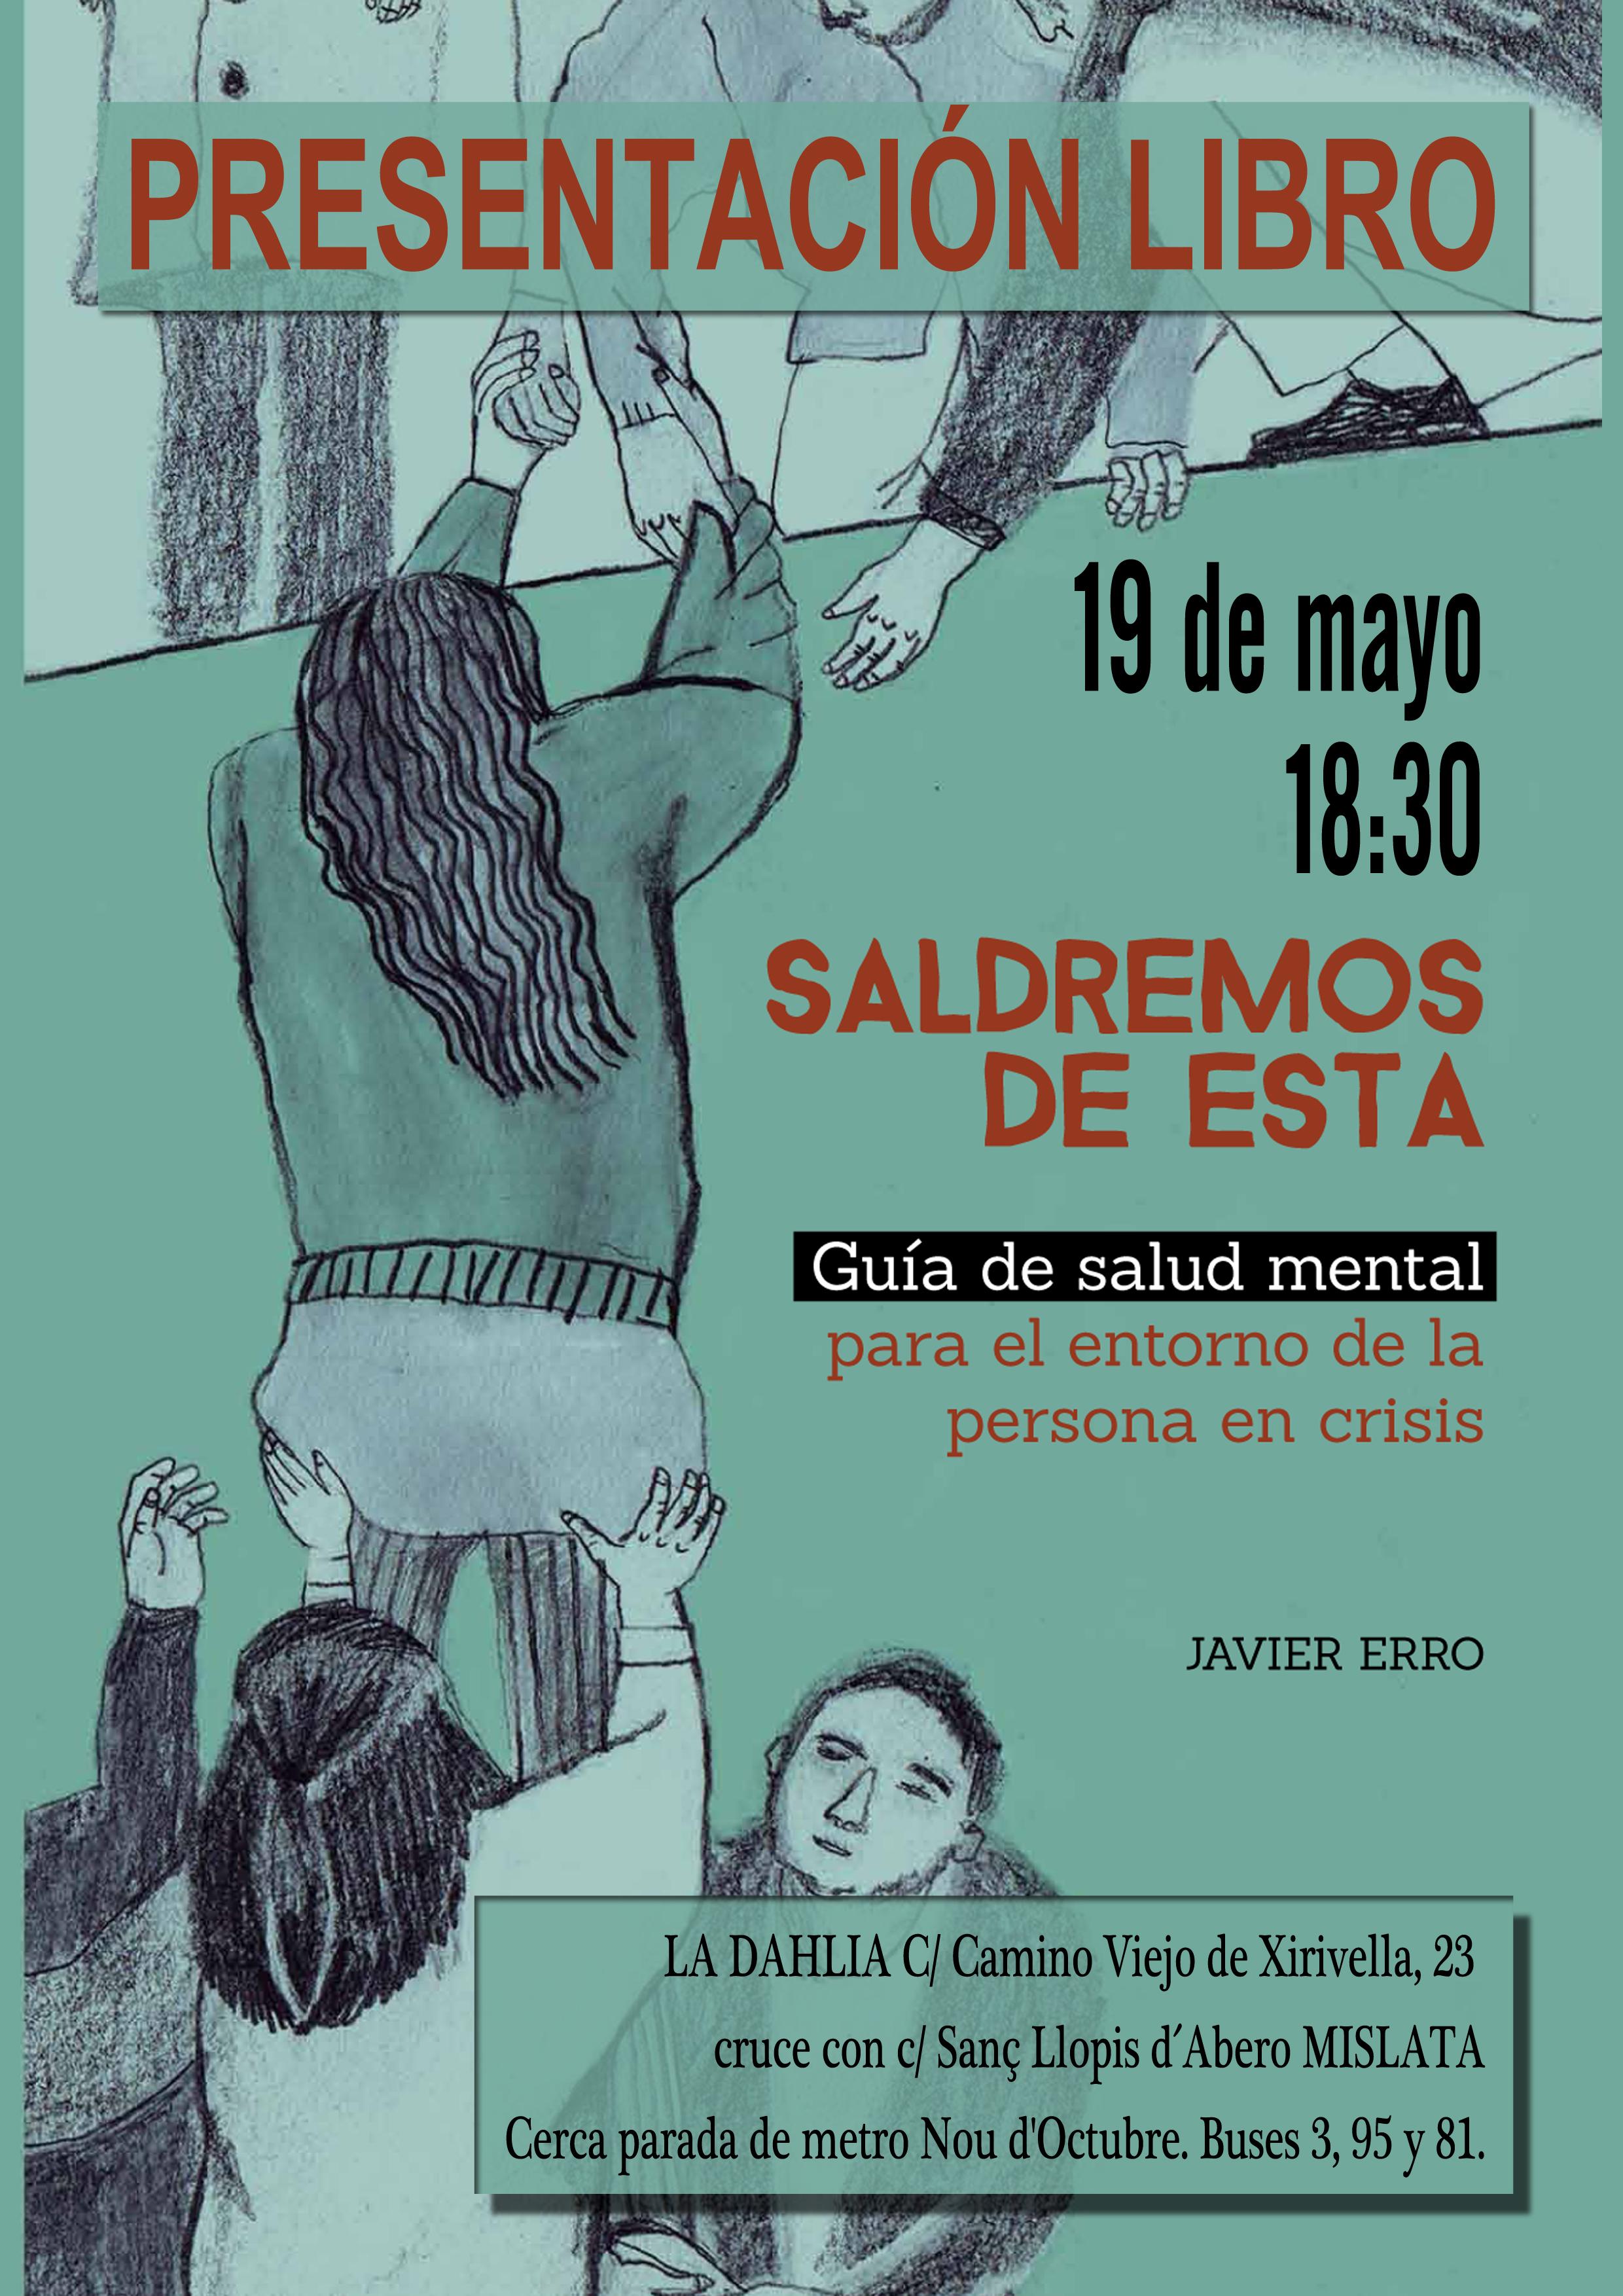 Presentación del libro SALDREMOS DE ESTA. Guía de salud mental para el entorno de la persona en crisis. de Javier Erro